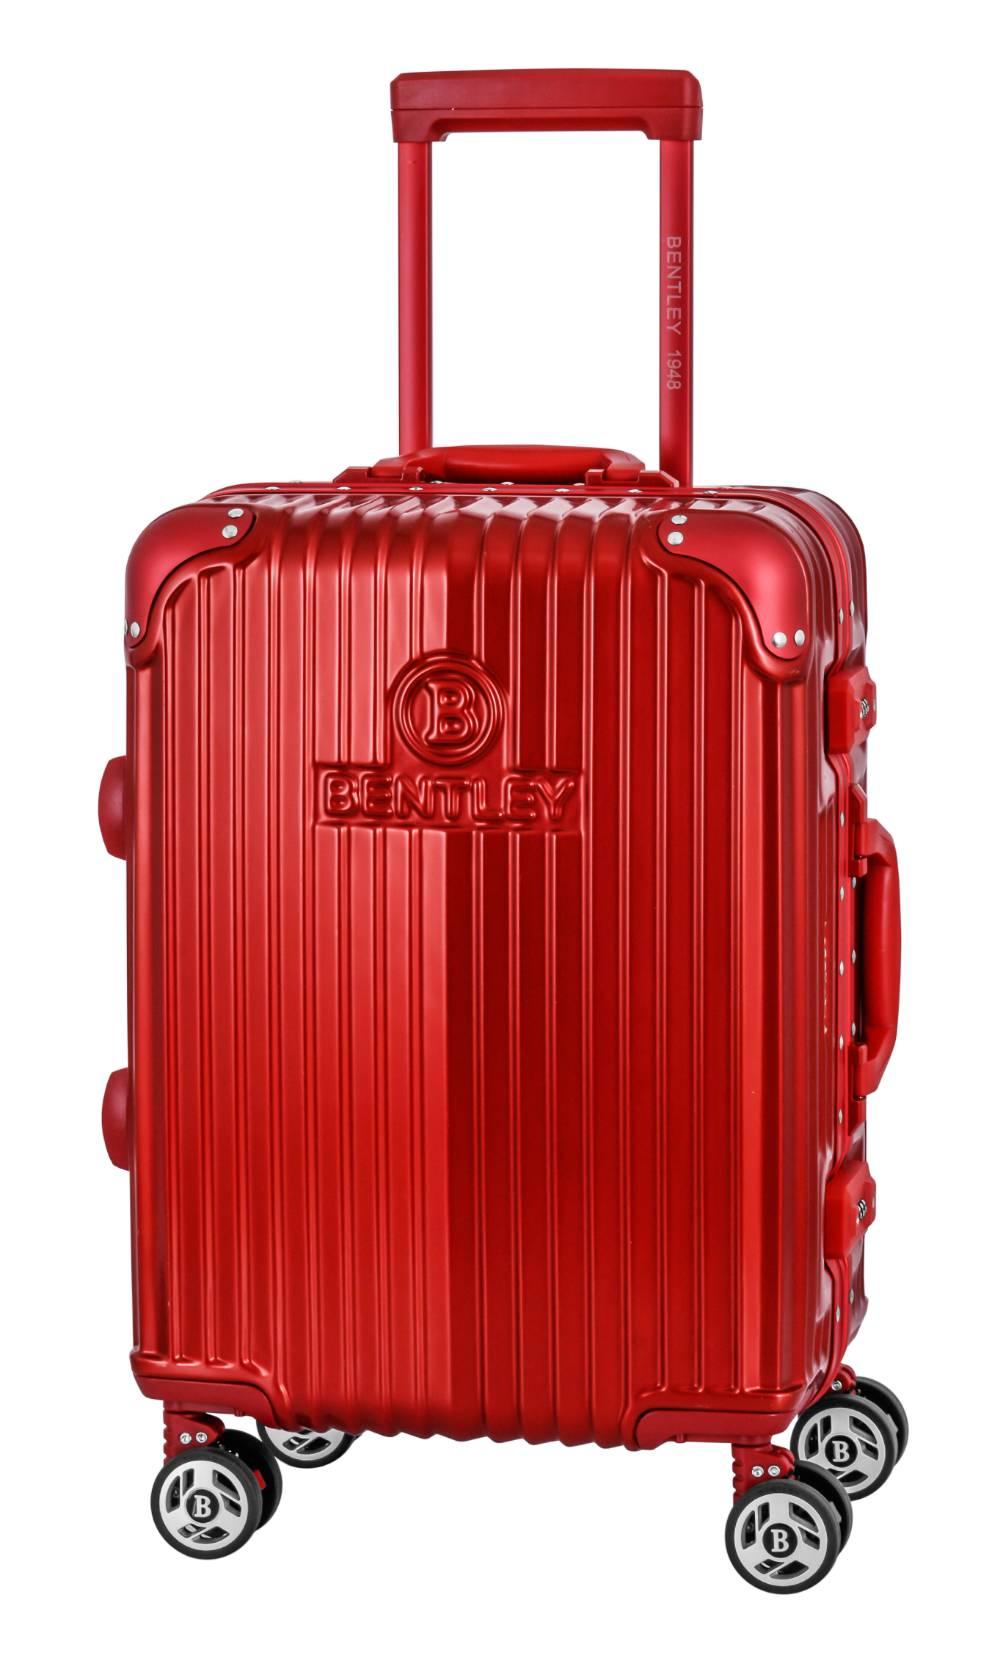 【加賀皮件】Bentley 賓利 PC+ABS 鋁框 硬殼 行李箱 20吋 旅行箱 BL-L1207